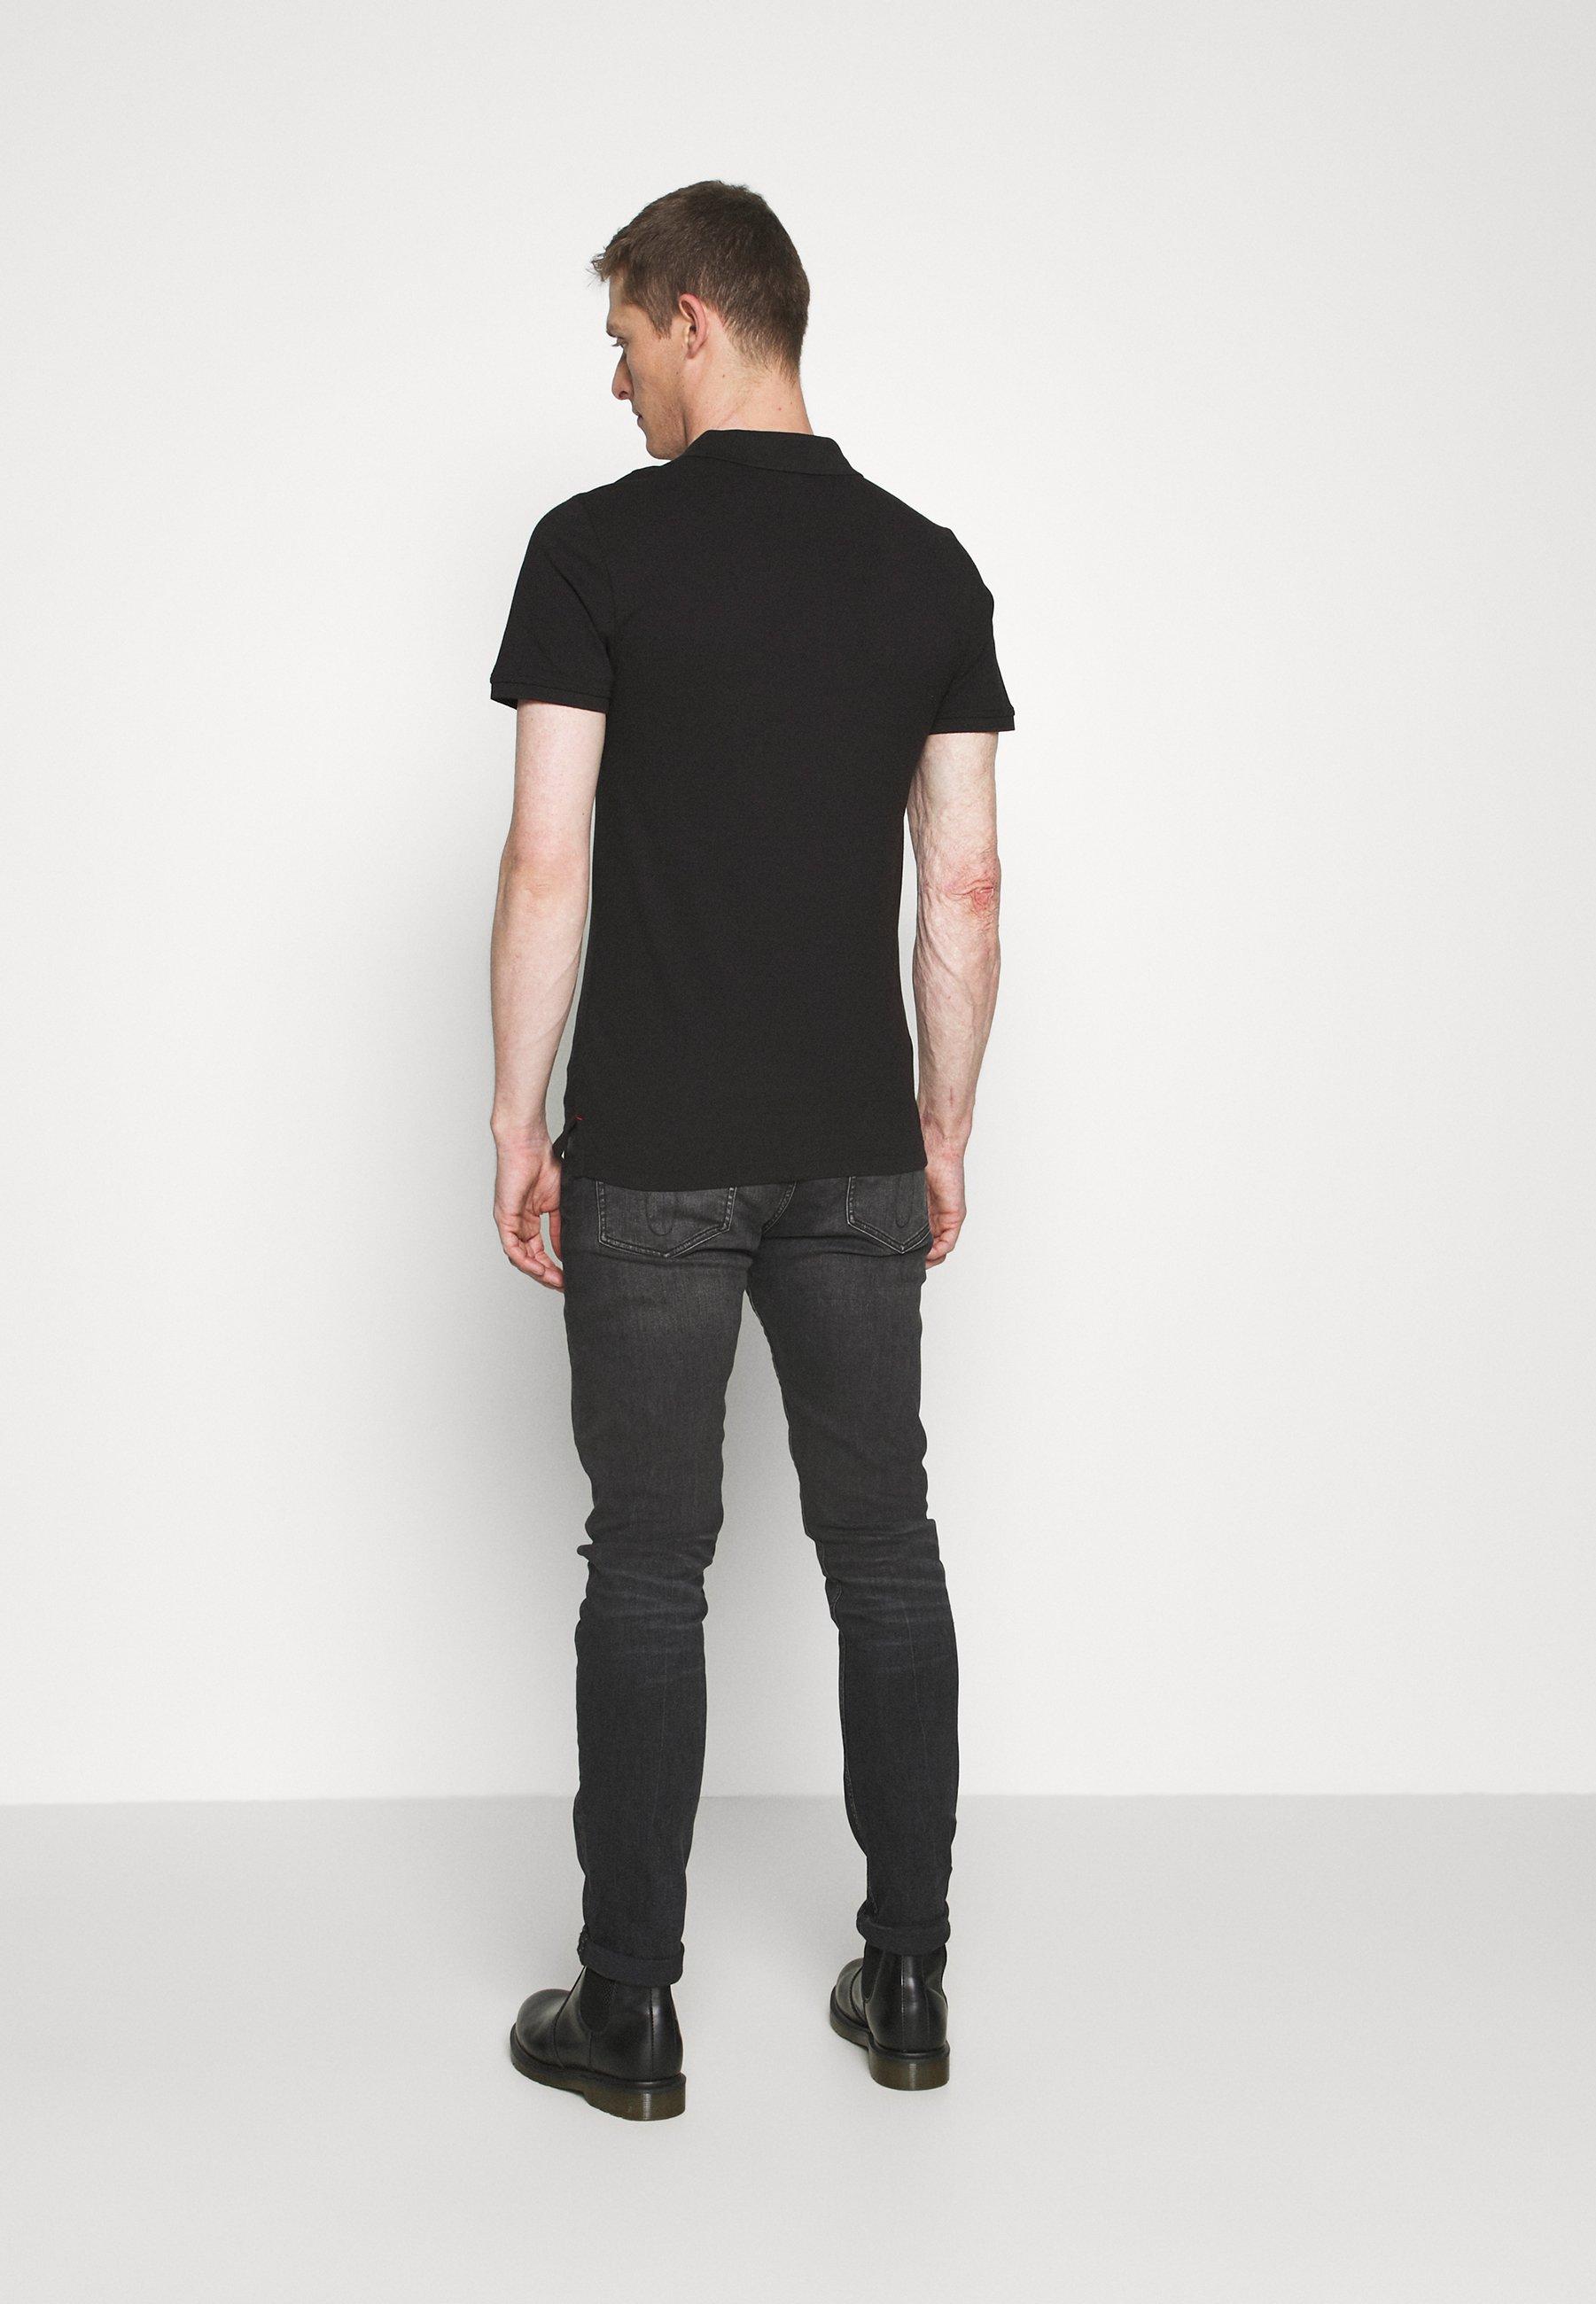 IZOD Polo shirt - black 8jWQo